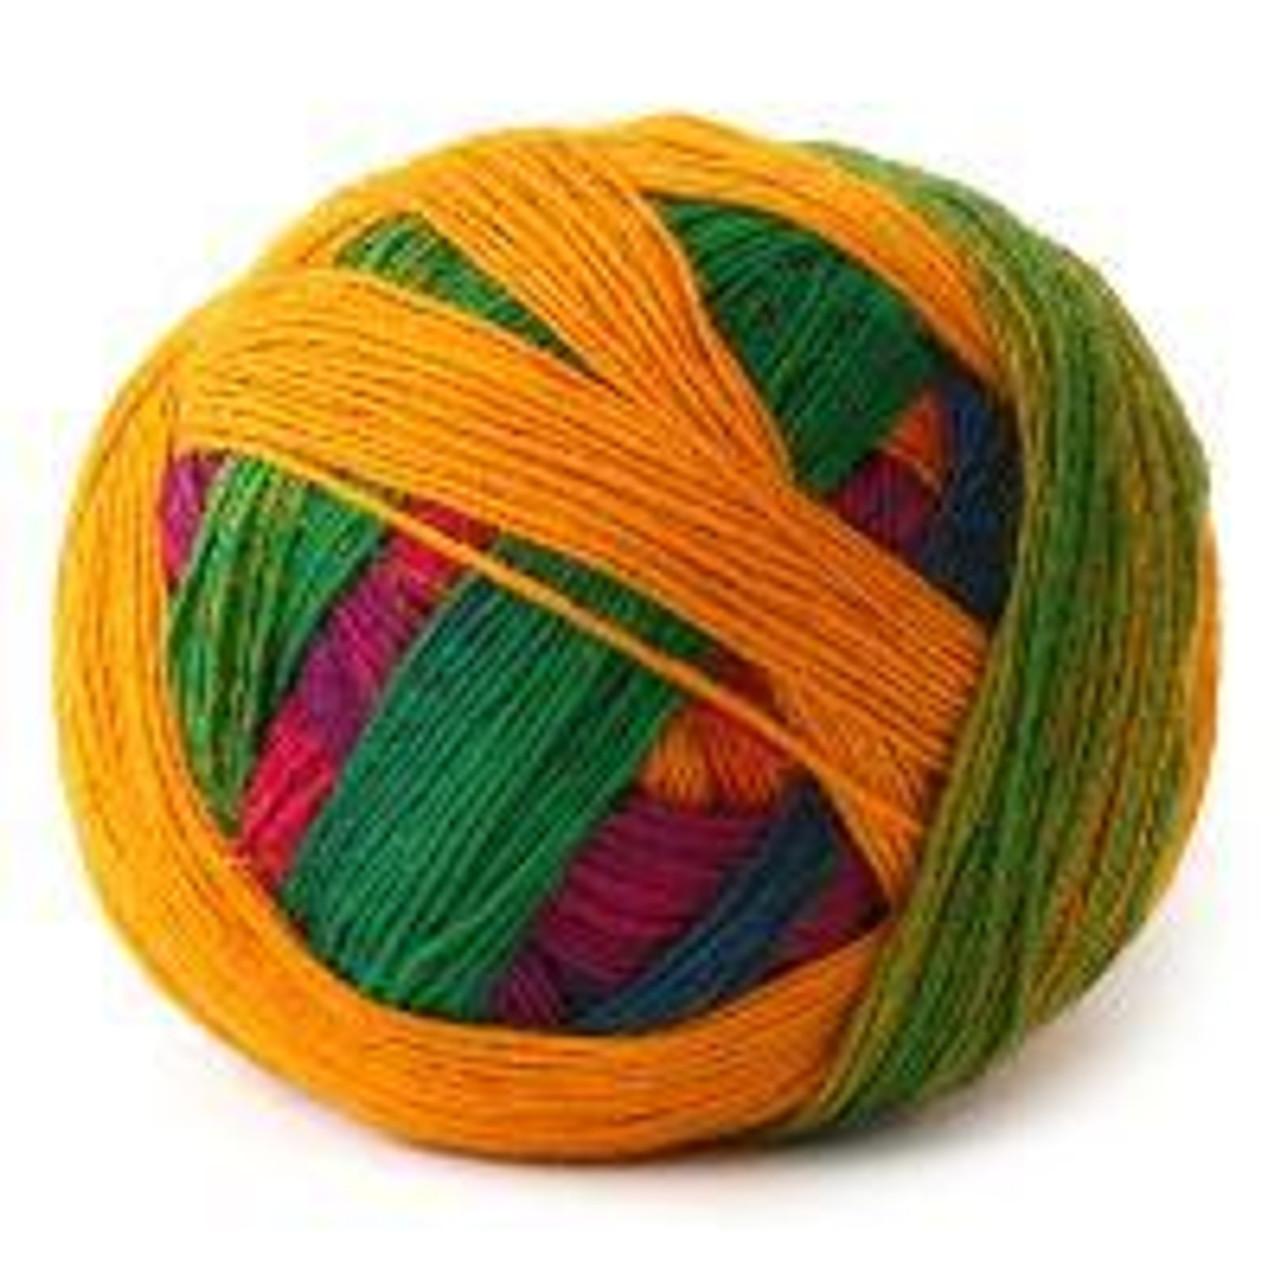 Schoppel Zauberball 100   Zauberball 100 yarn is 100% Merino wool.